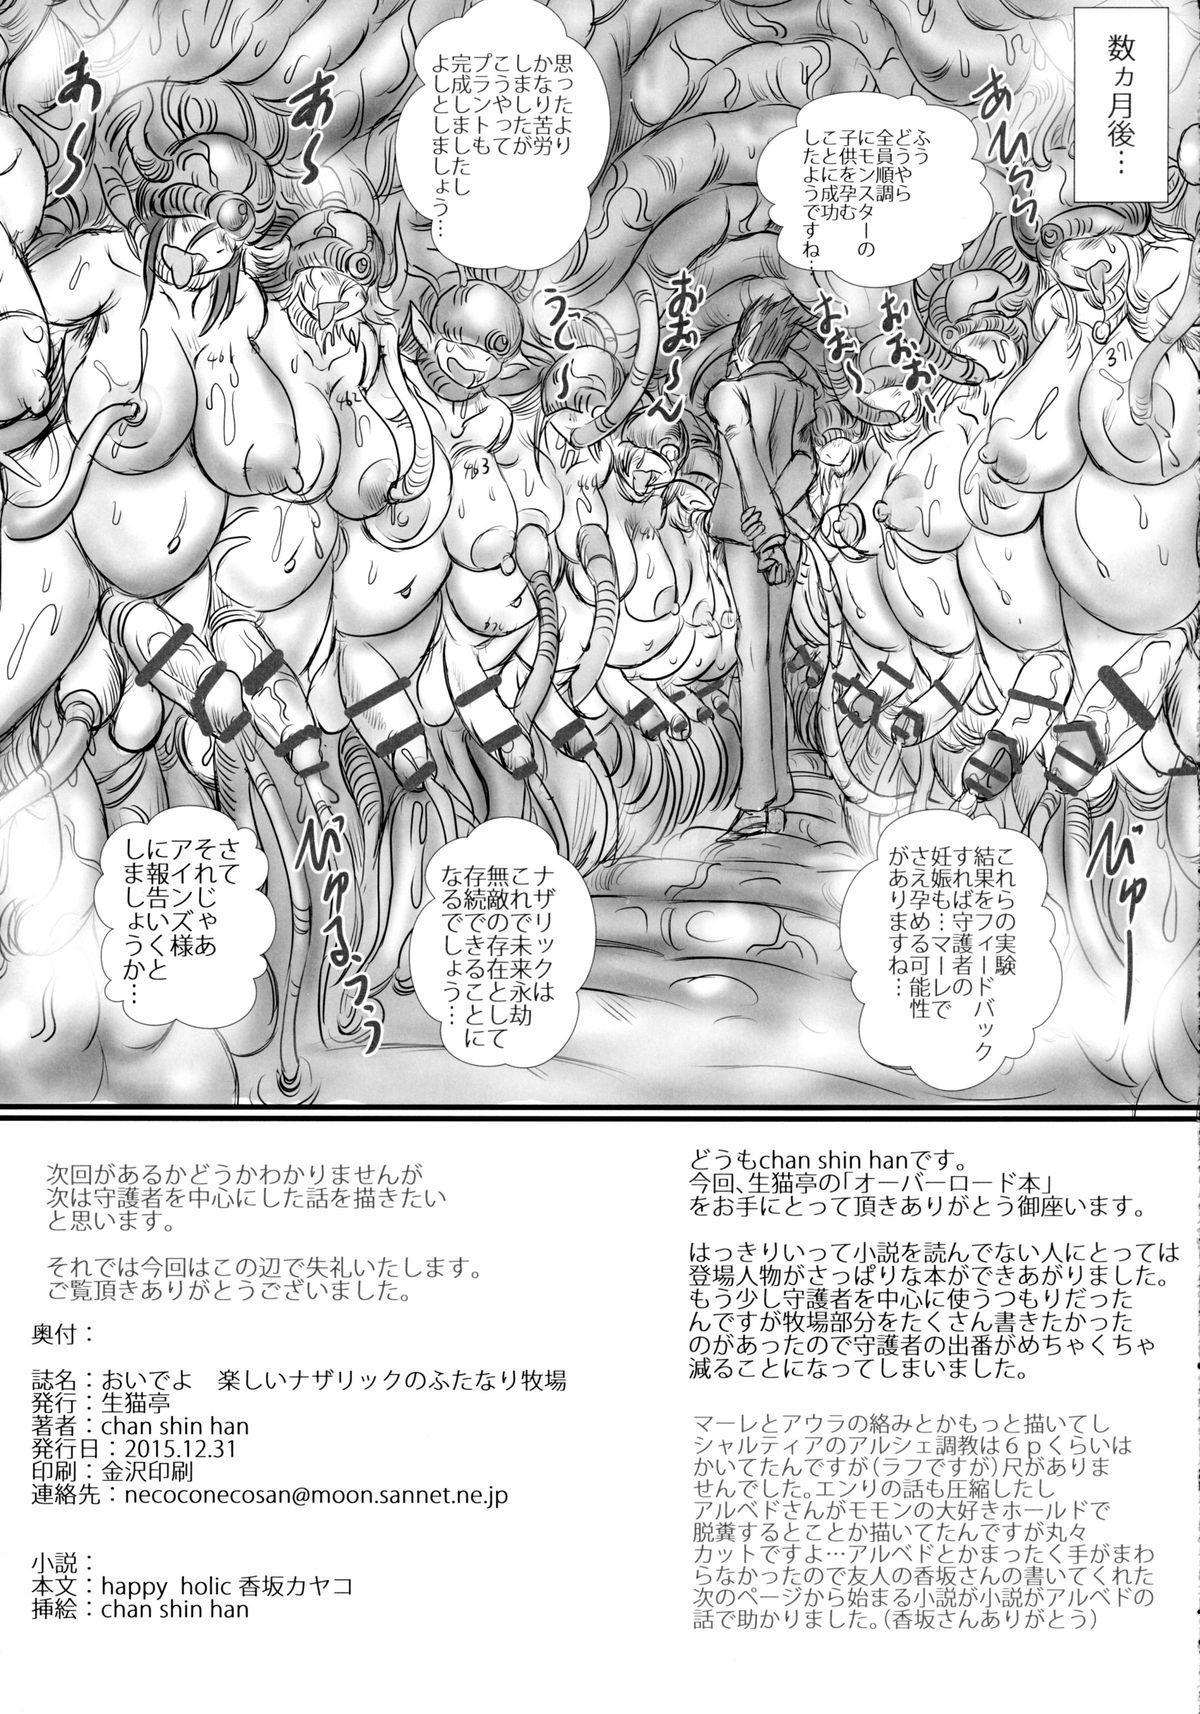 Oideyo! Nazarick no Futanari Bokujou 26